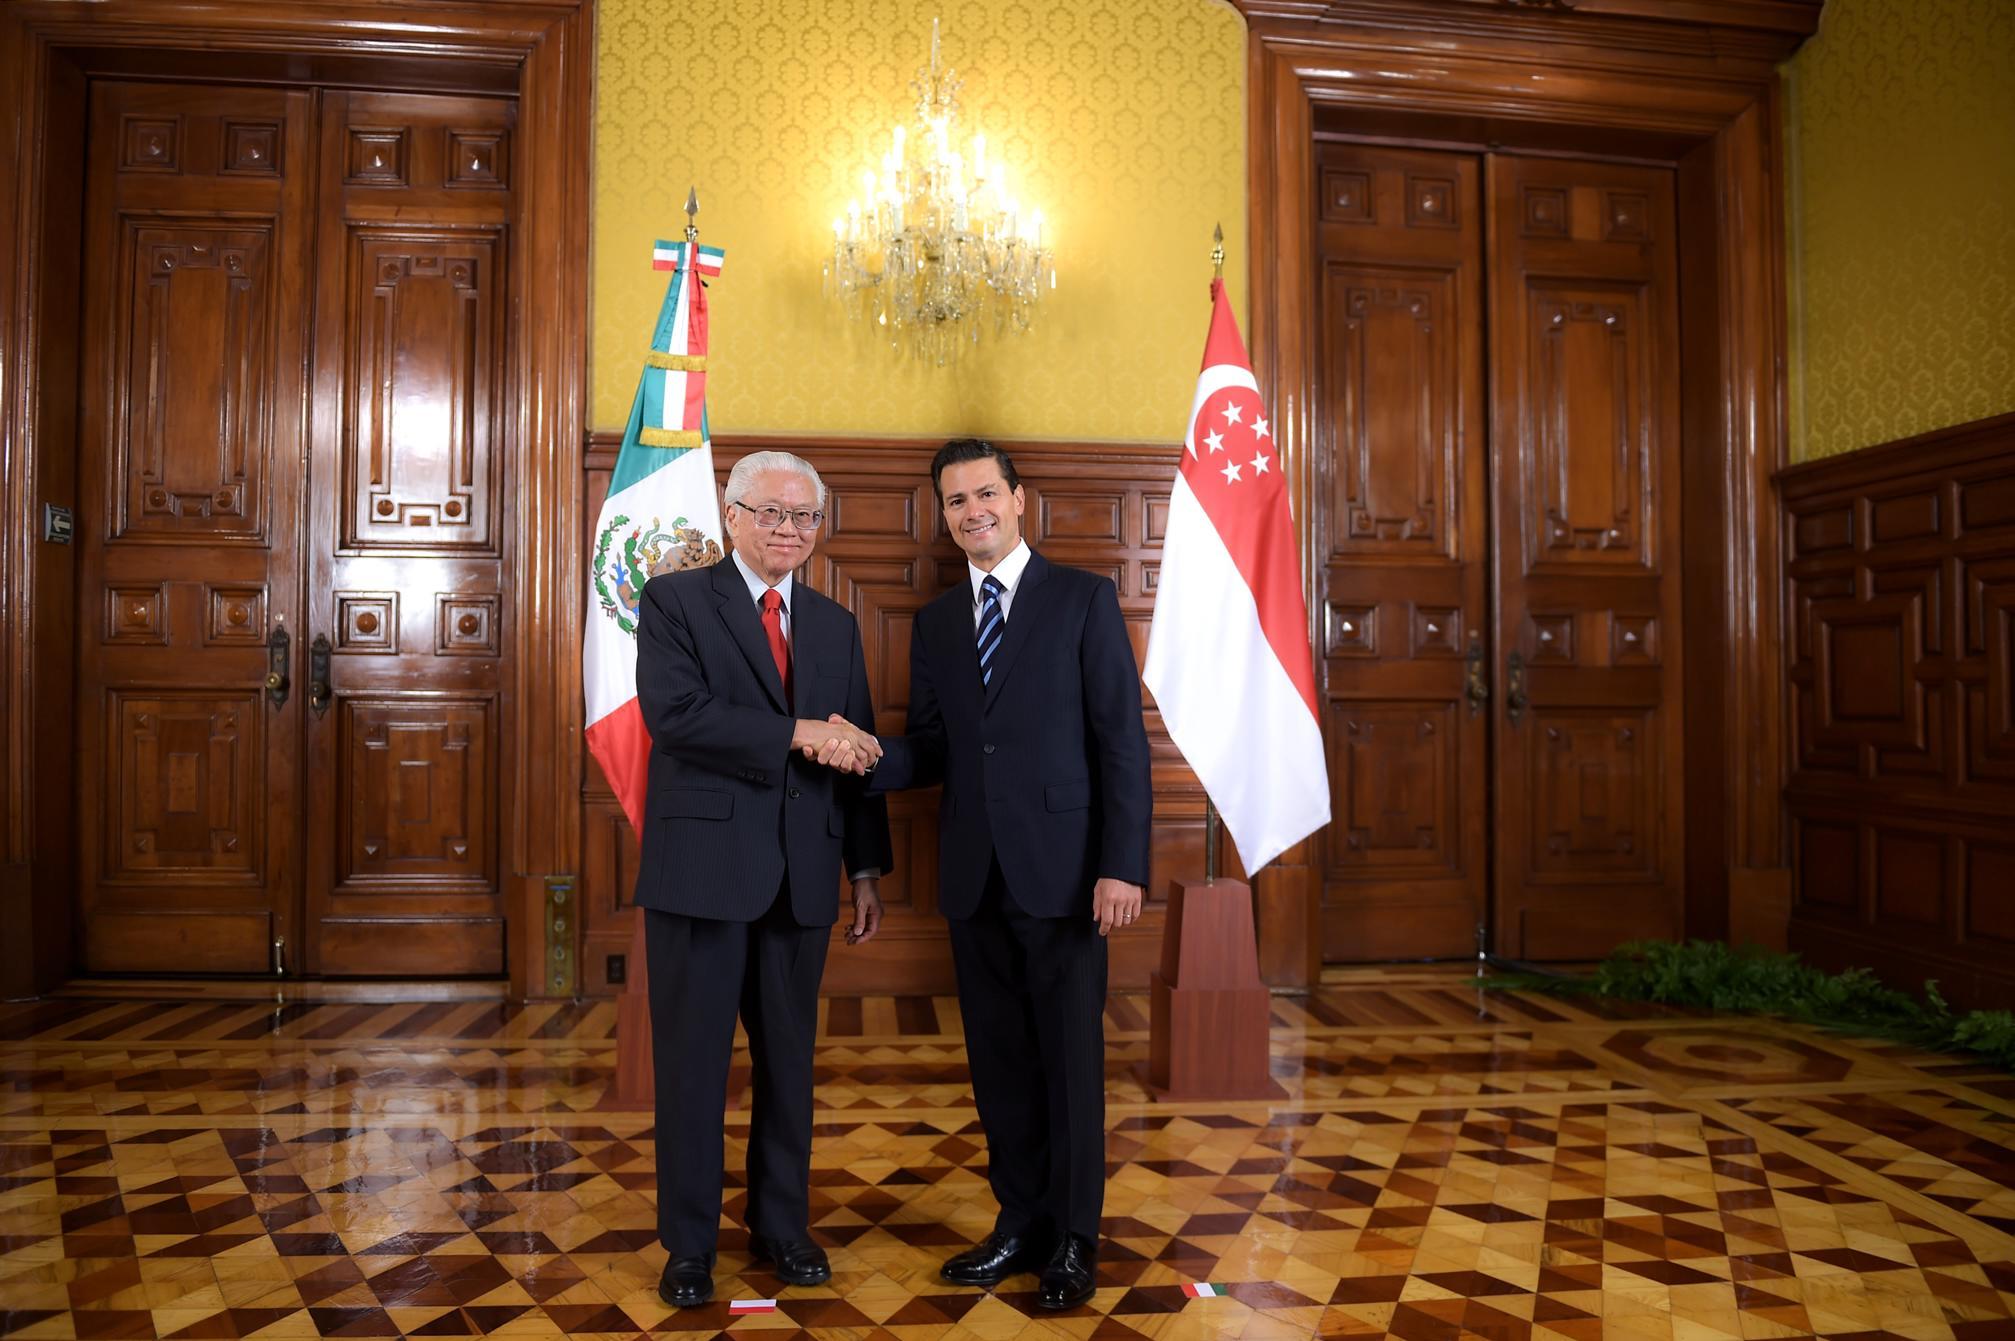 El Primer Mandatario recibe en Palacio Nacional al Presidente de la República de Singapur, Tony Tan Keng Yam.